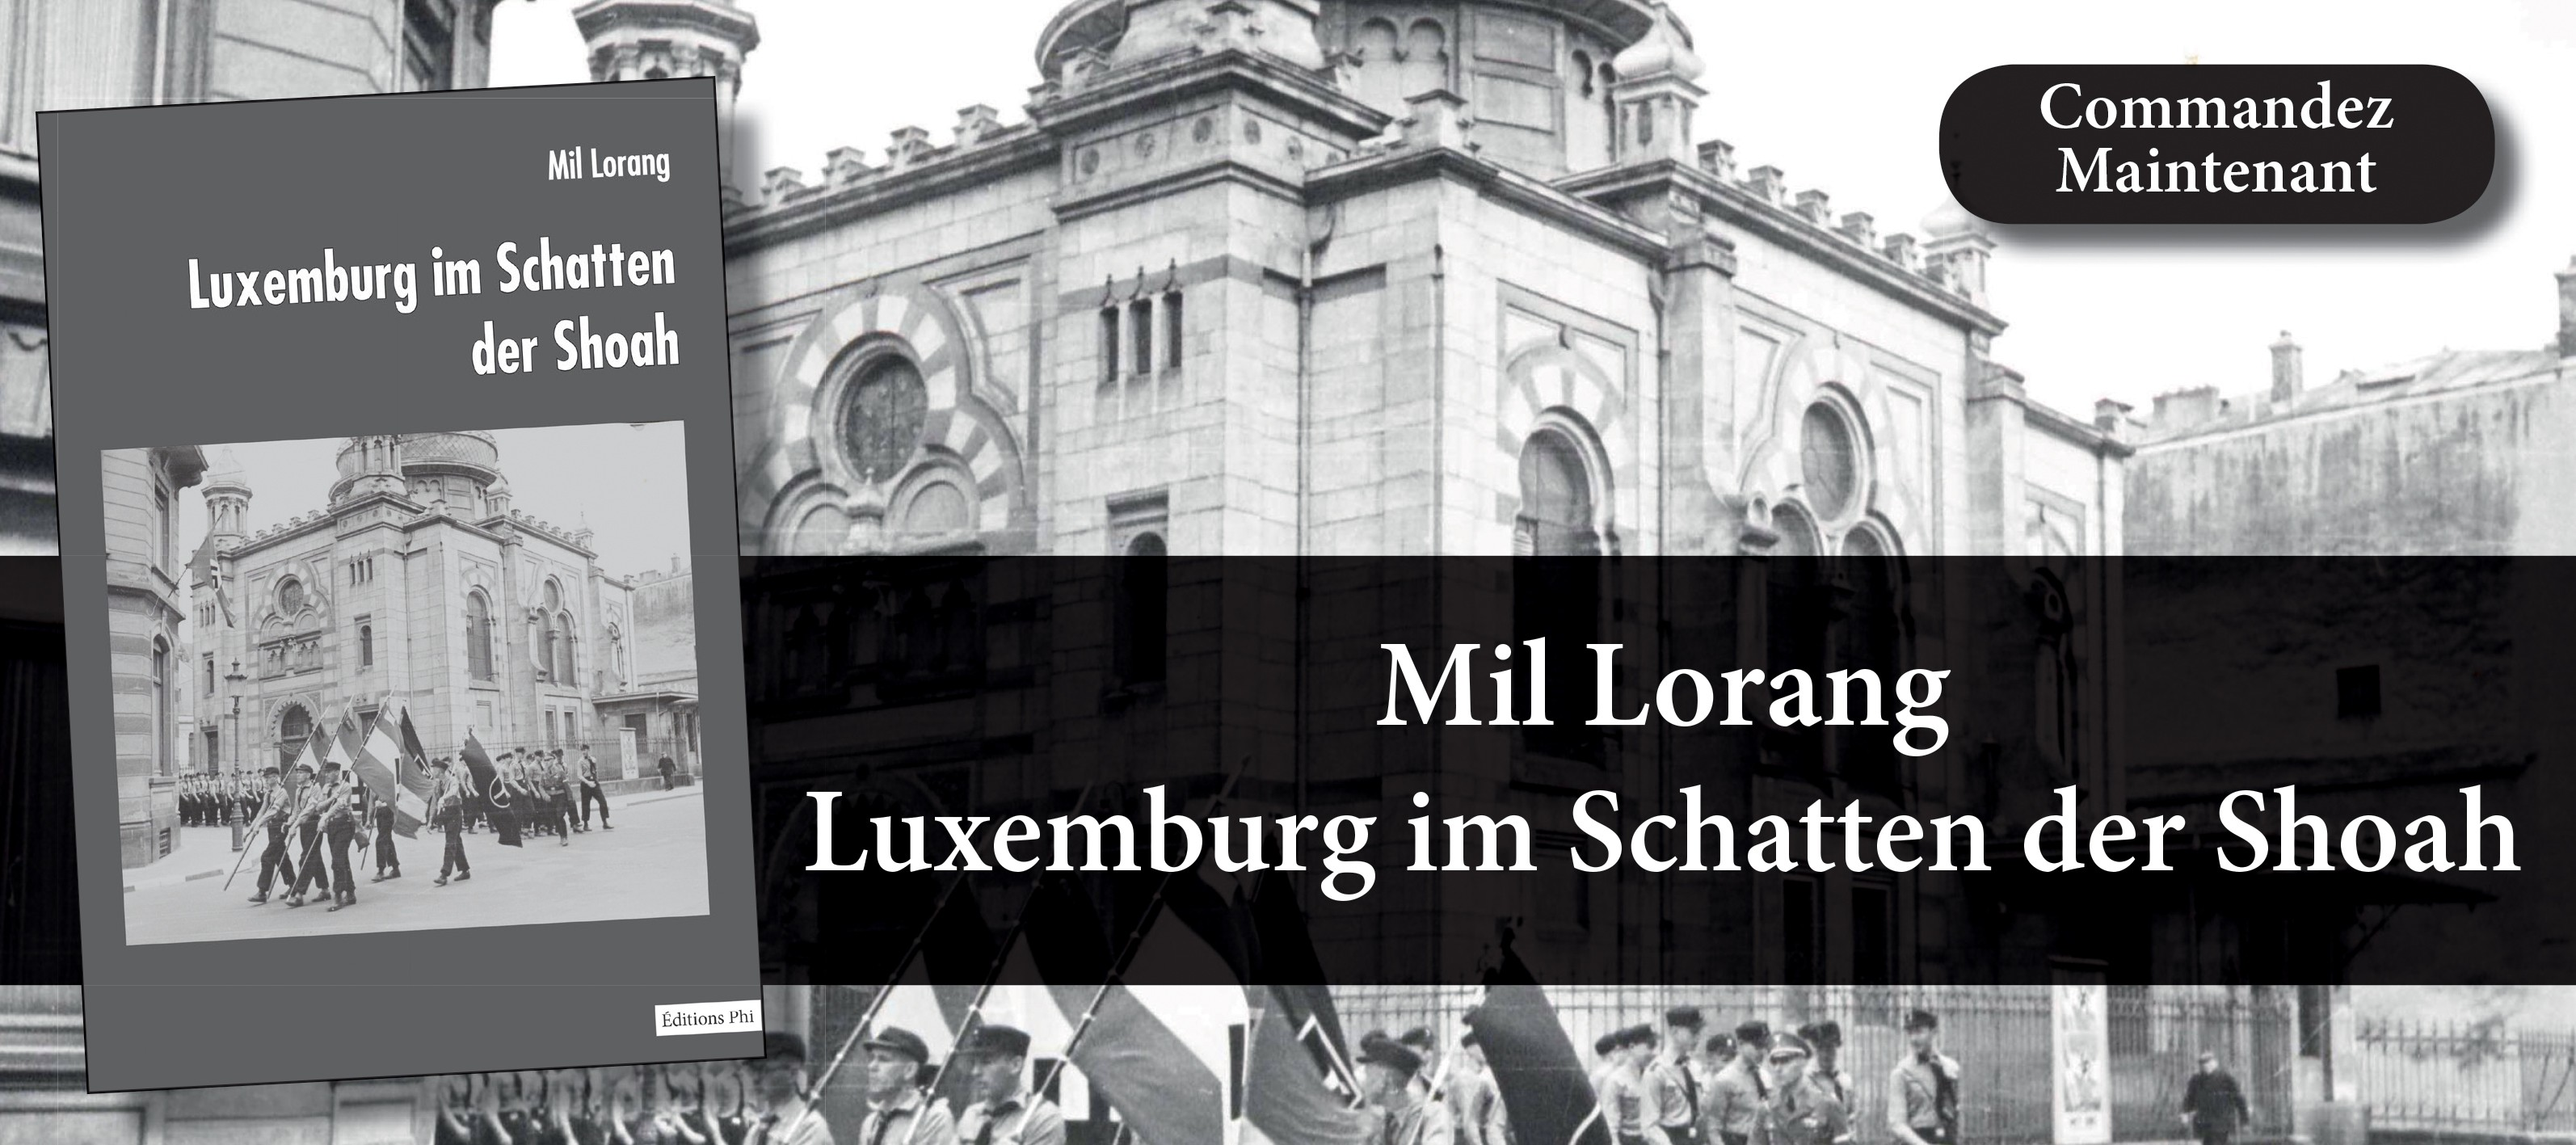 Mil Lorang - Luxemburg im Schatten der Shoah